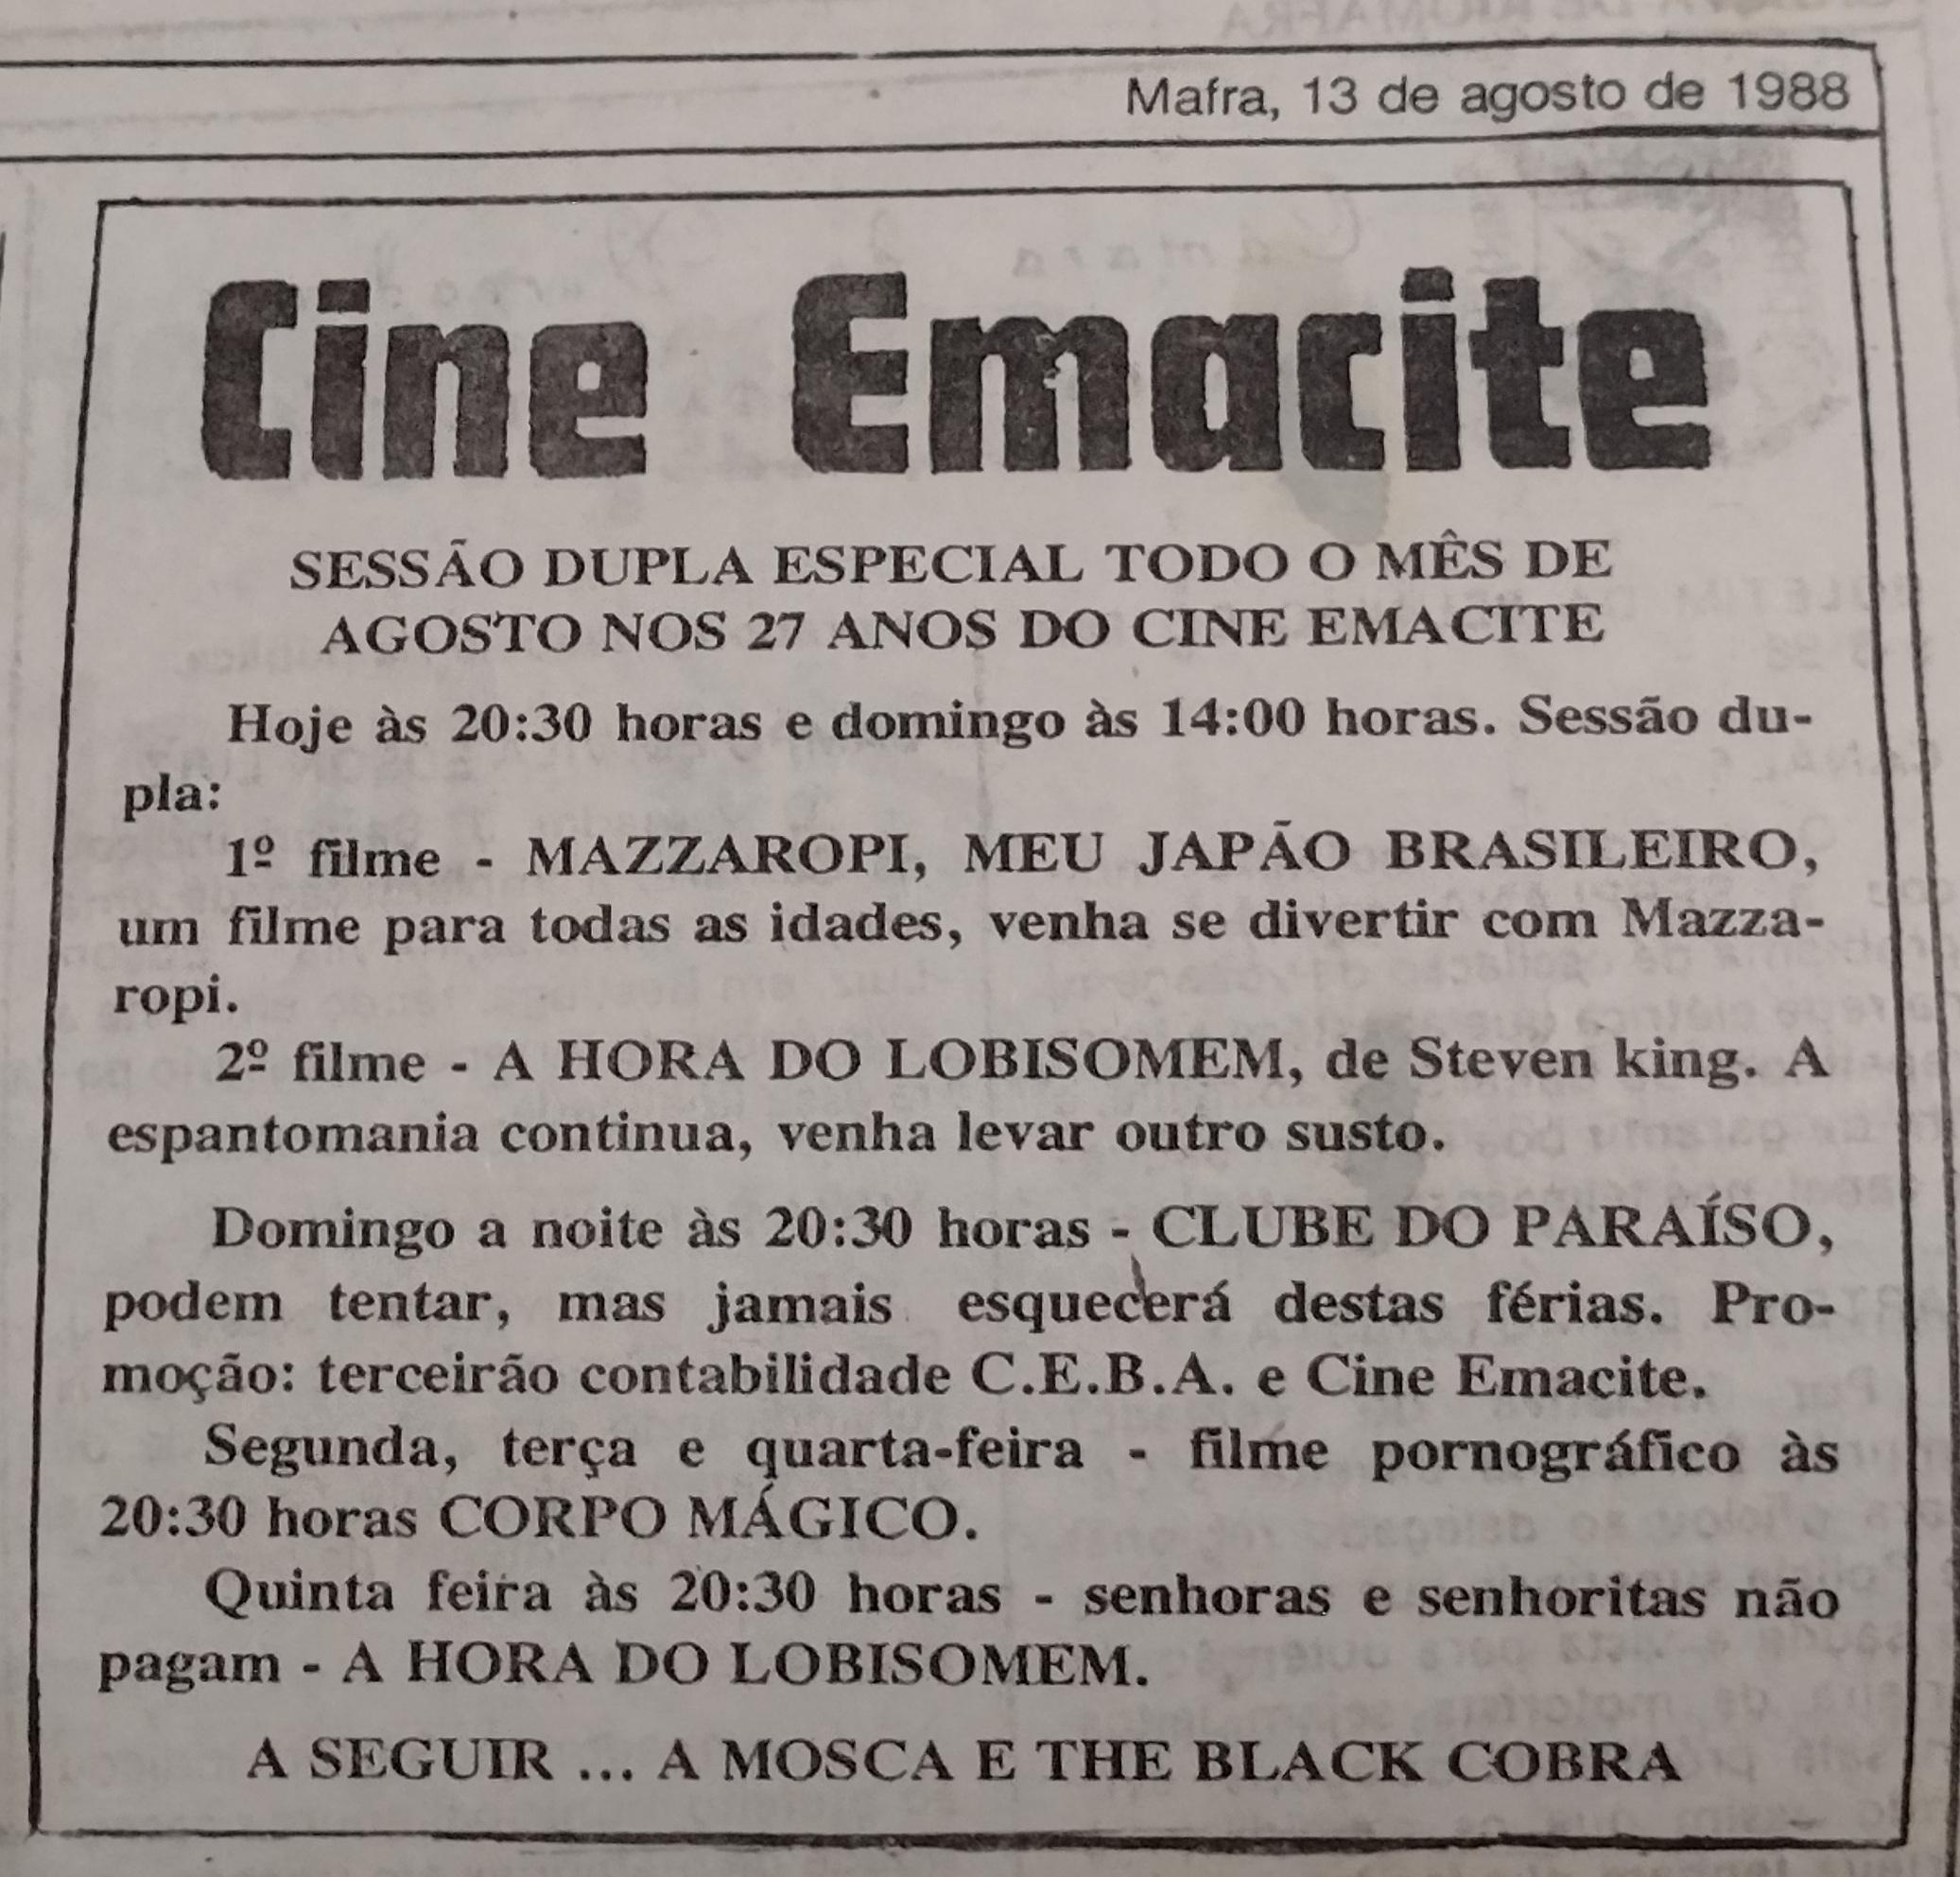 Programação do Cine Emacite em 1988